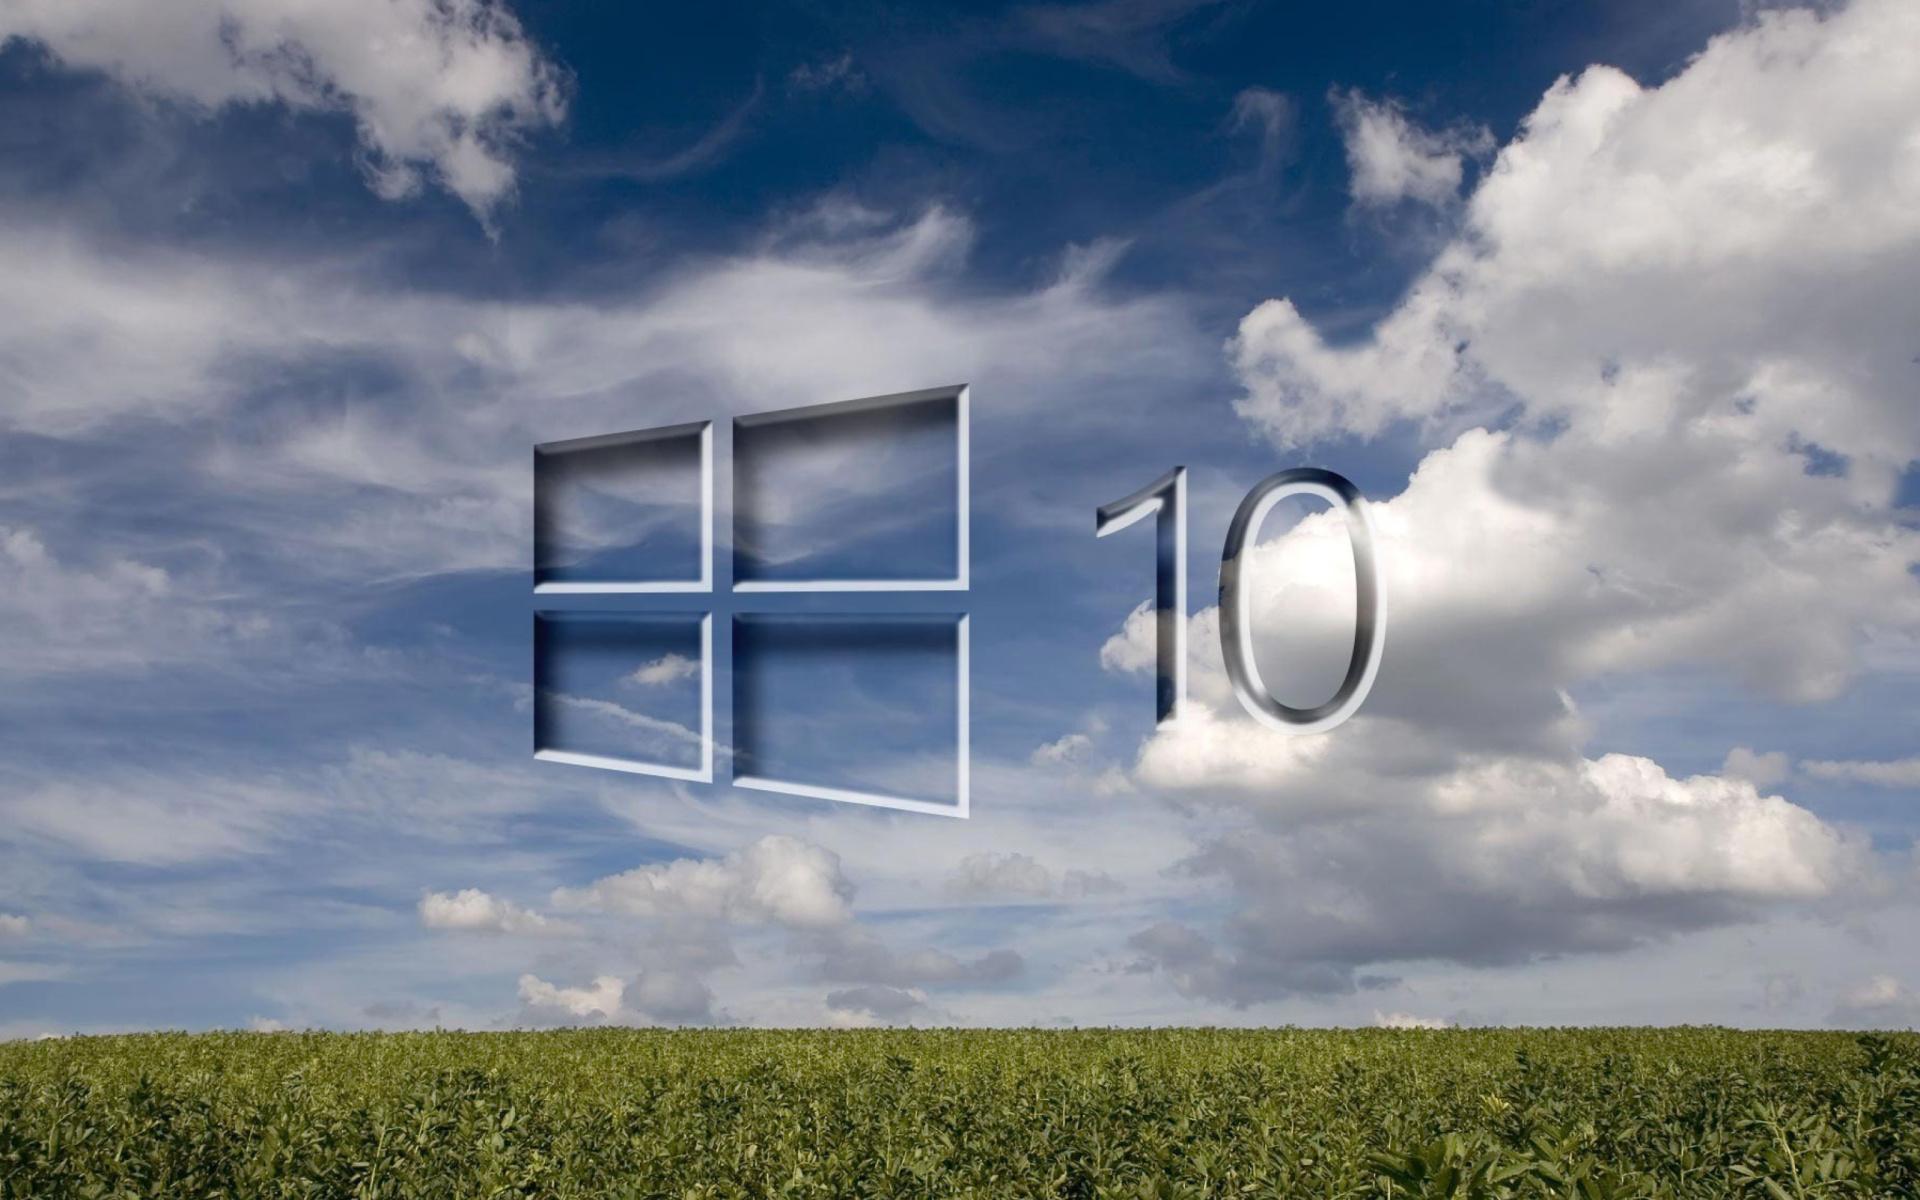 Windows 10 Grass Field Wallpaper For Widescreen Desktop PC